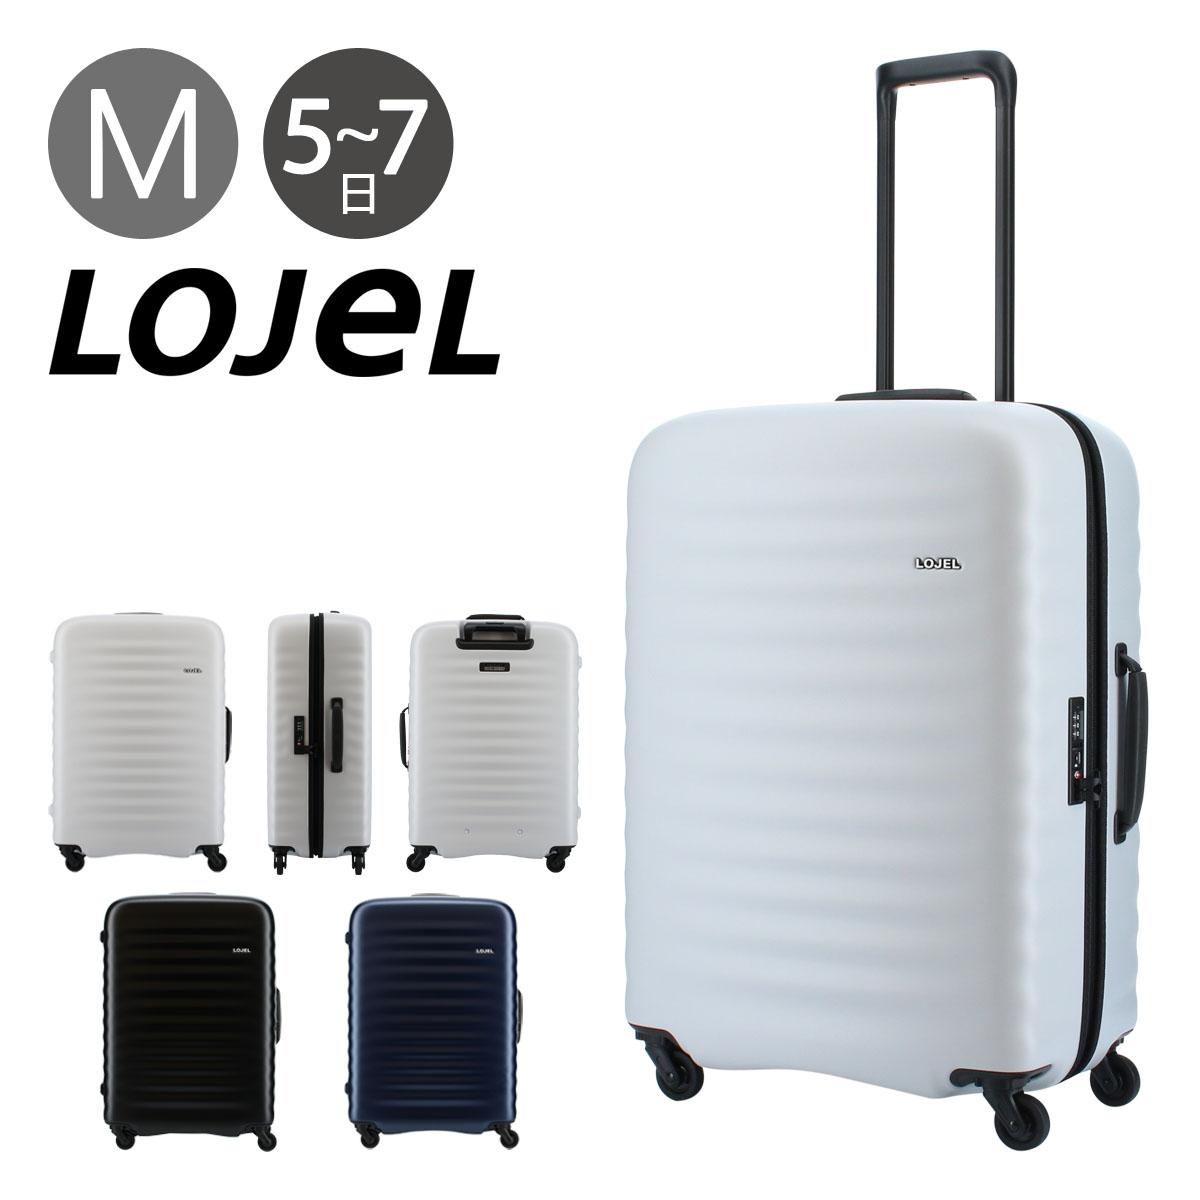 ロジェール スーツケース 75L 63cm Alto ALTO-M ハード   LOJEL   TSAロック搭載 キャリーバッグ キャリーケース [PO10][bef]